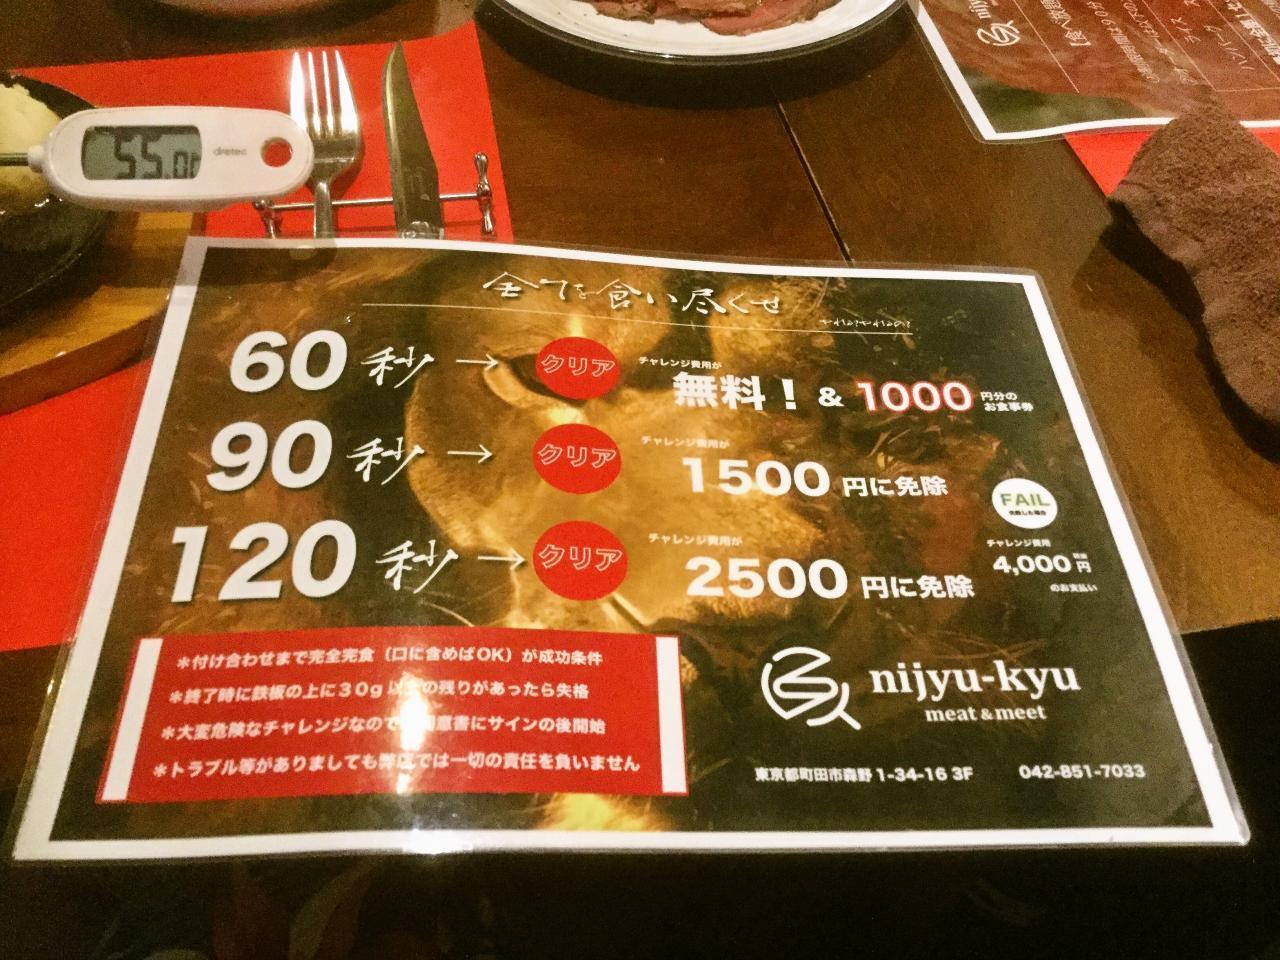 nijyu-kyu(チャレンジ)